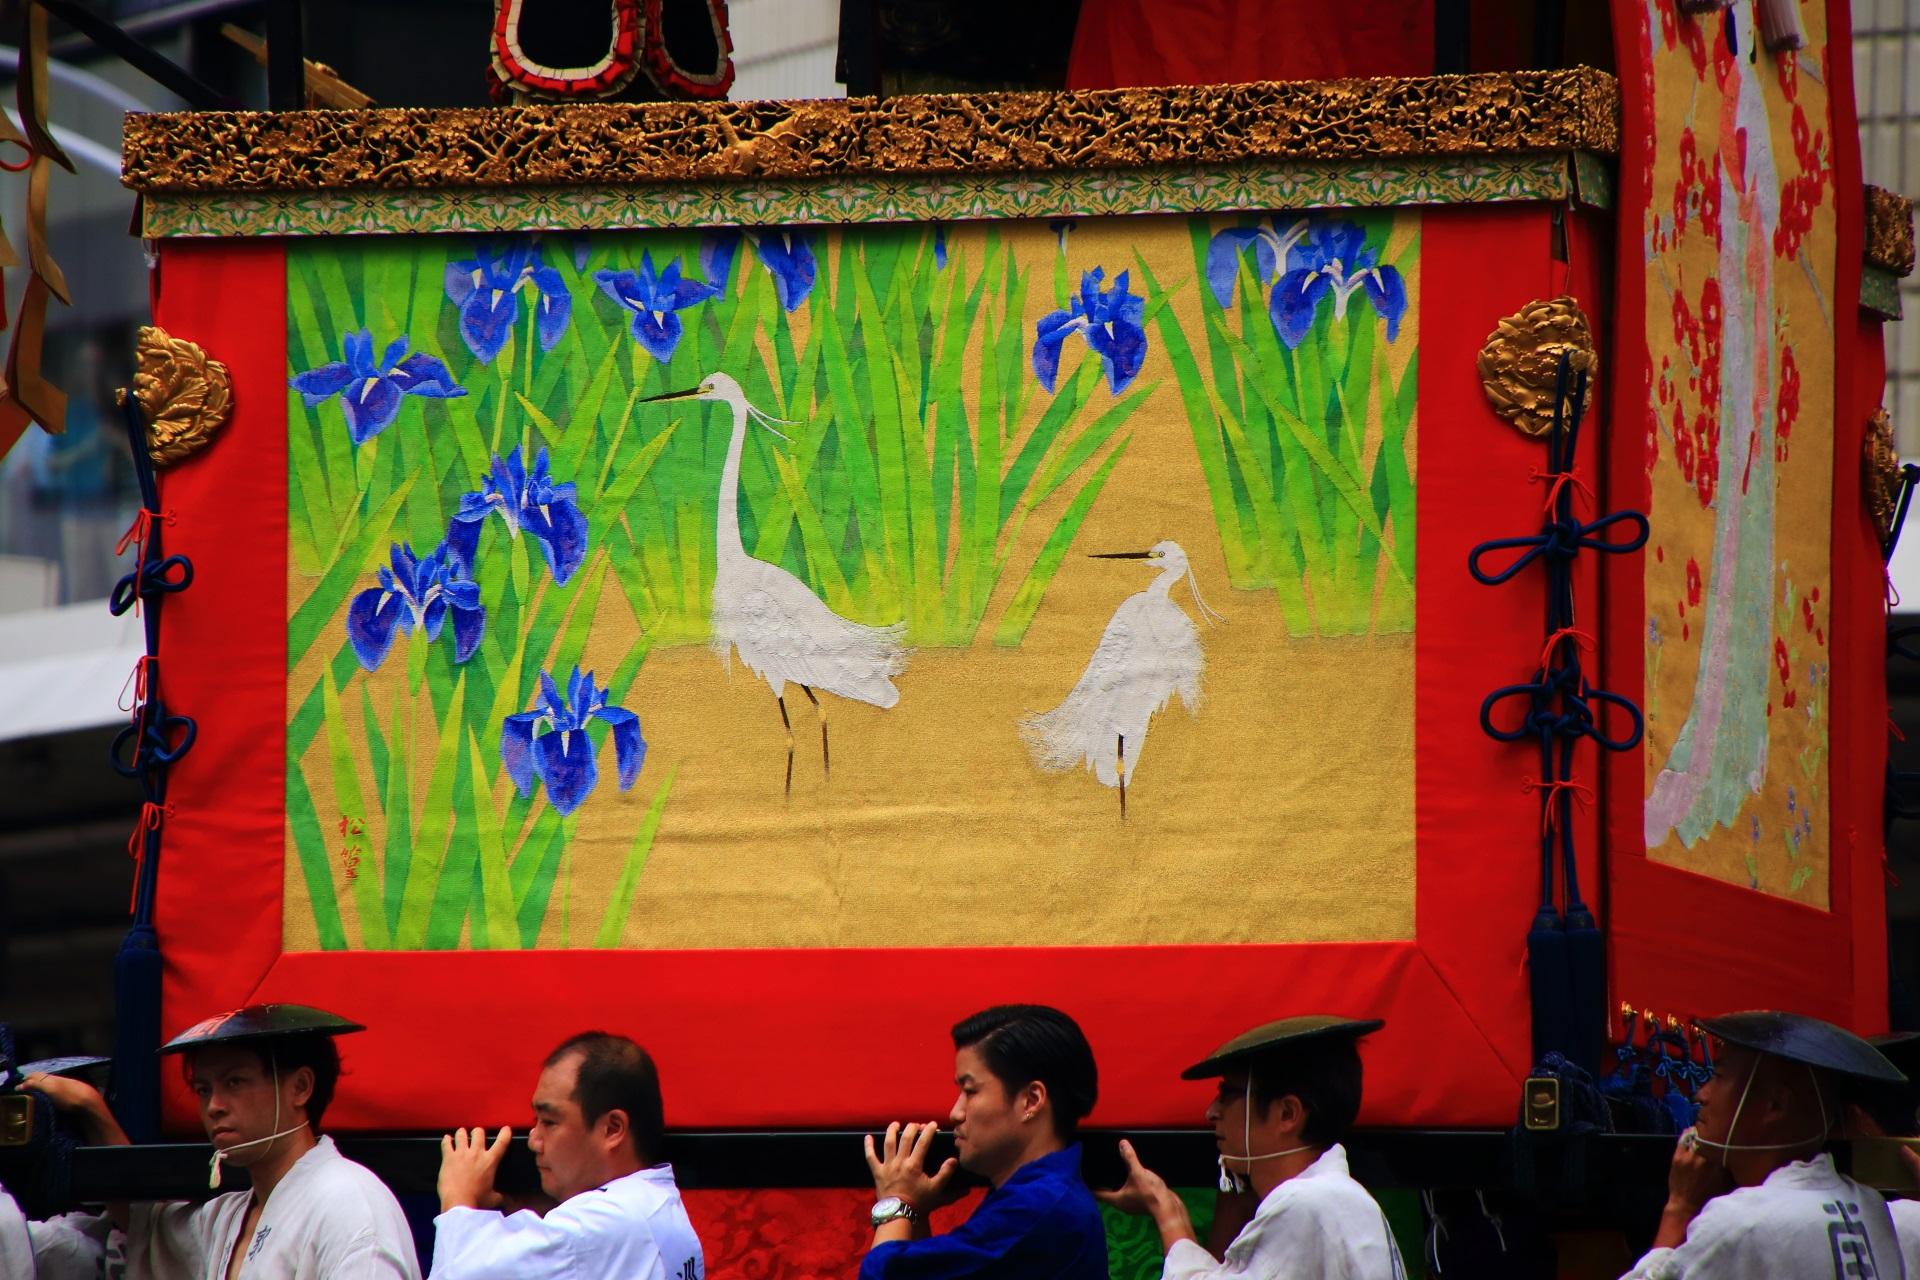 郭巨山の菖蒲と白鷺を描いた胴懸